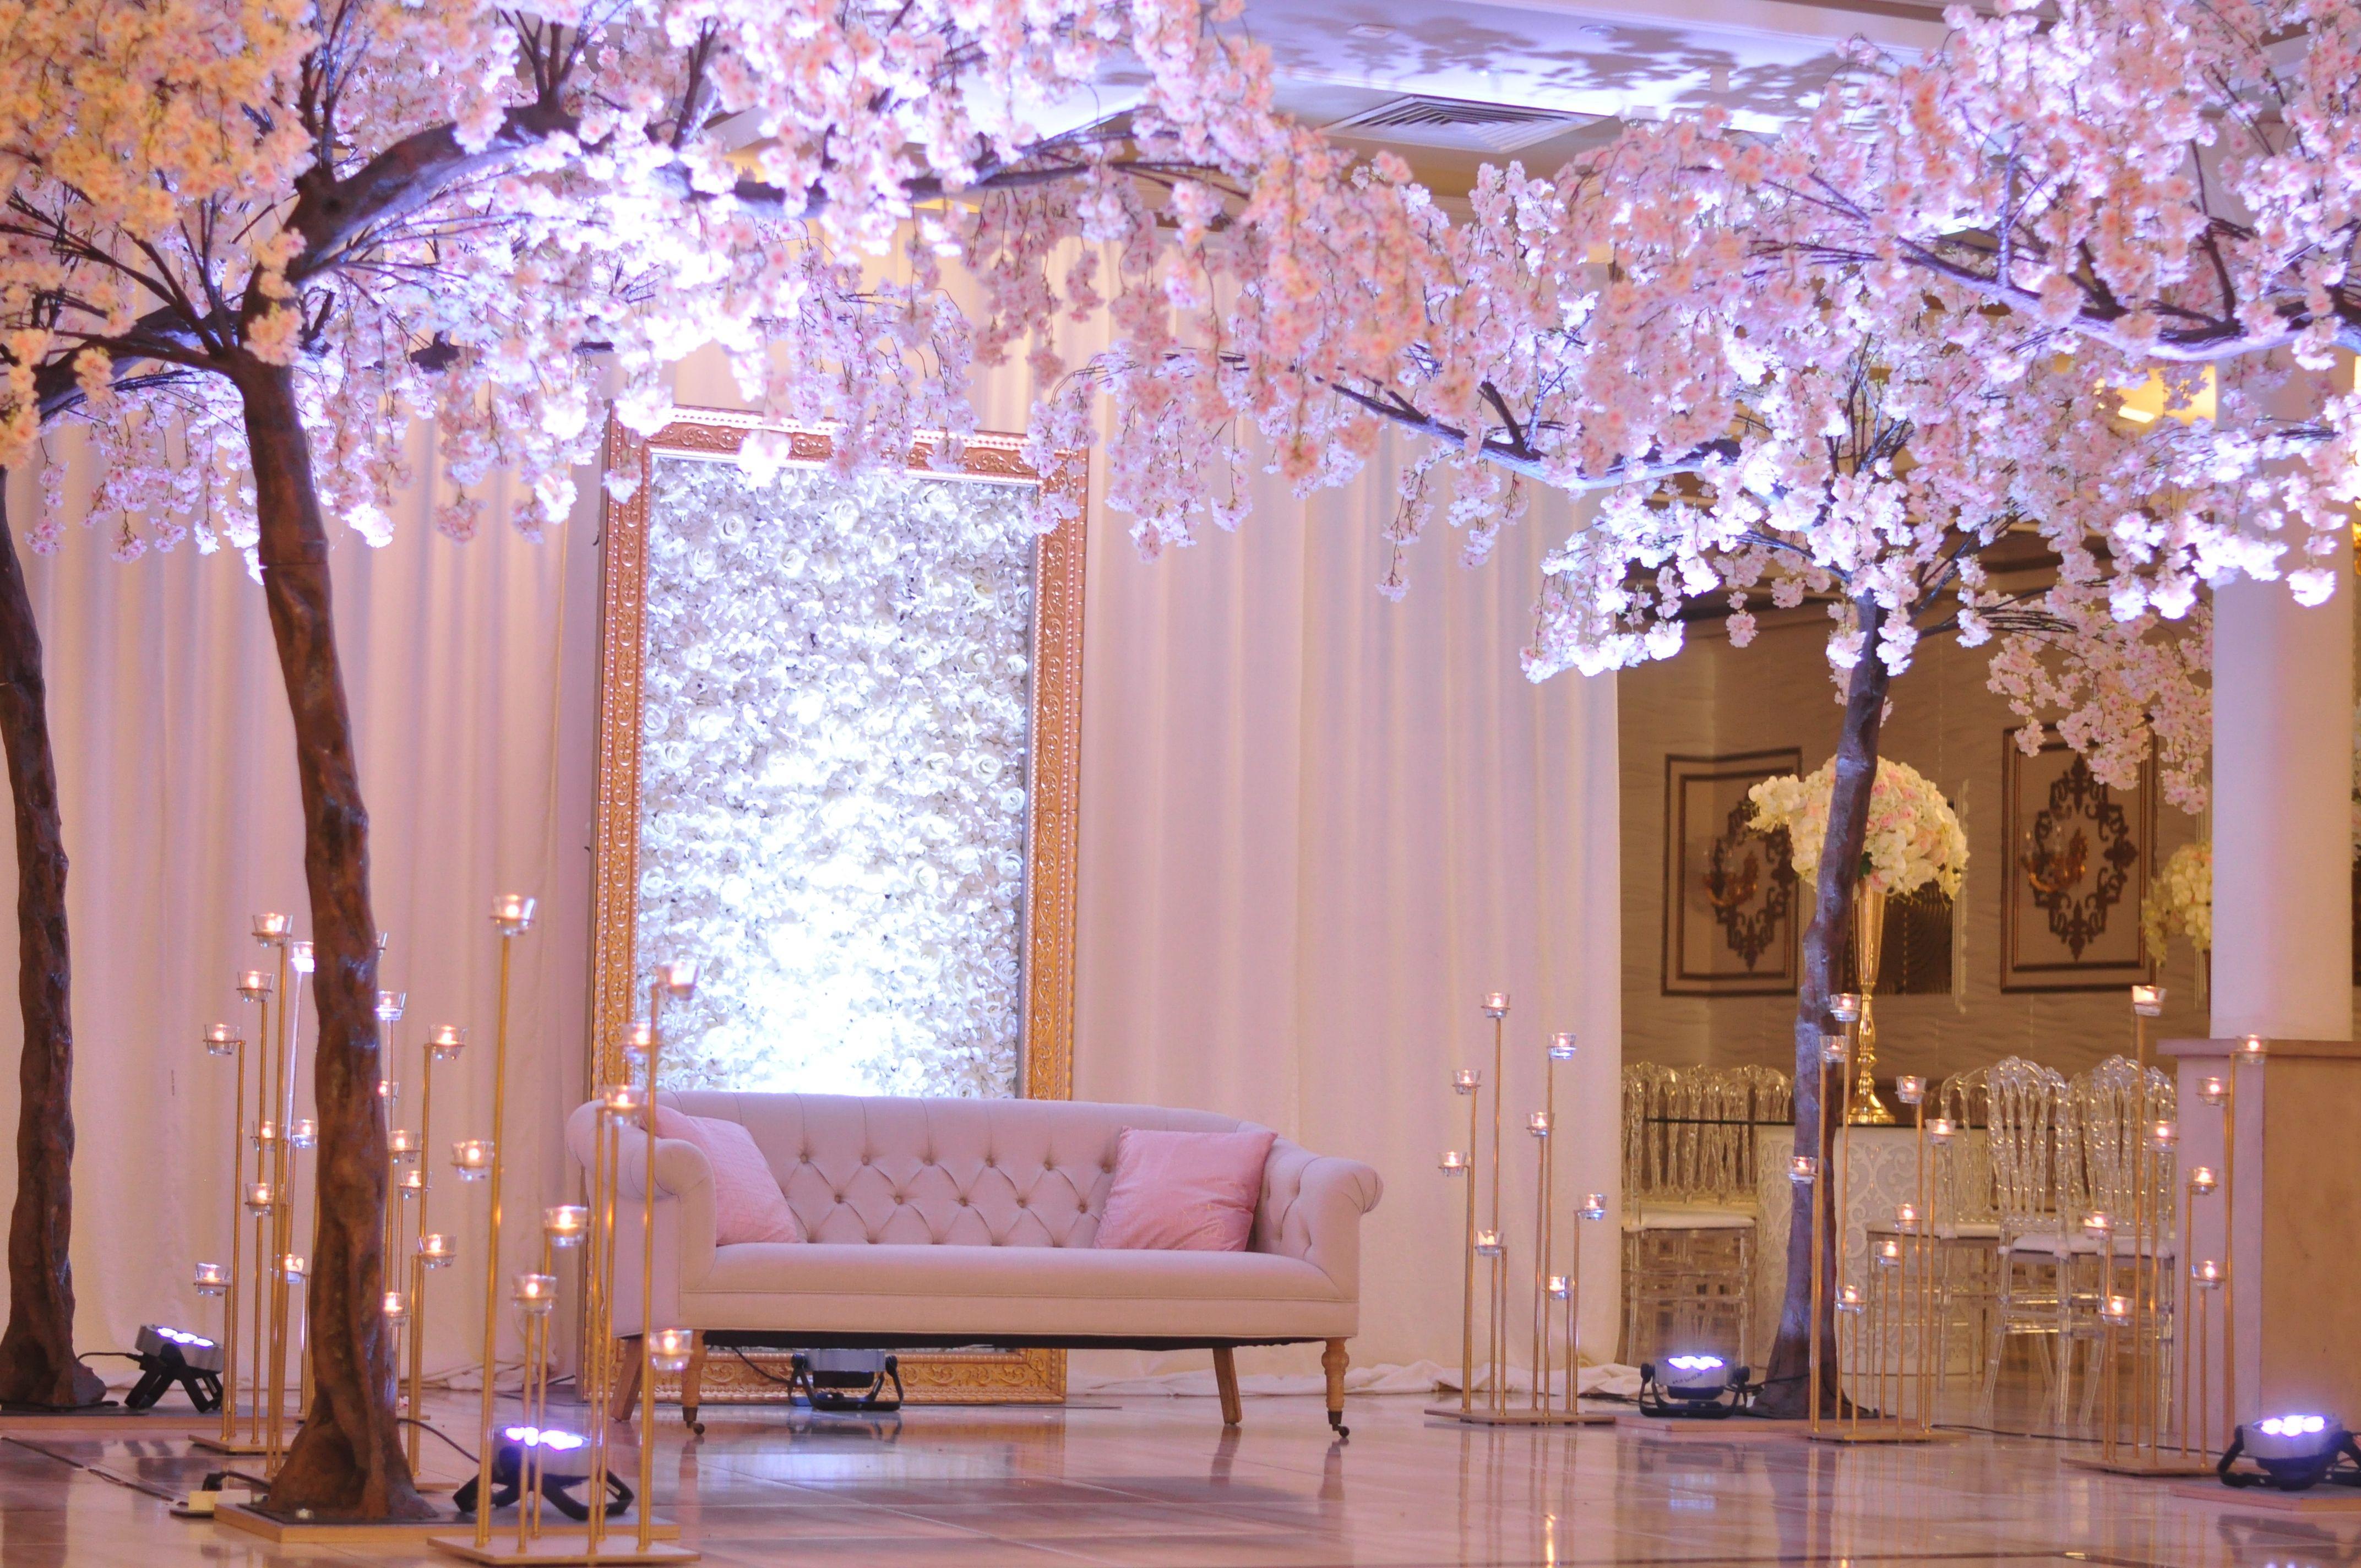 Japanese Garden Sakura Wedding Stage By Weddingking Sakura Wedding Cherry Blossom Wedding Decor Cherry Blossom Wedding Theme